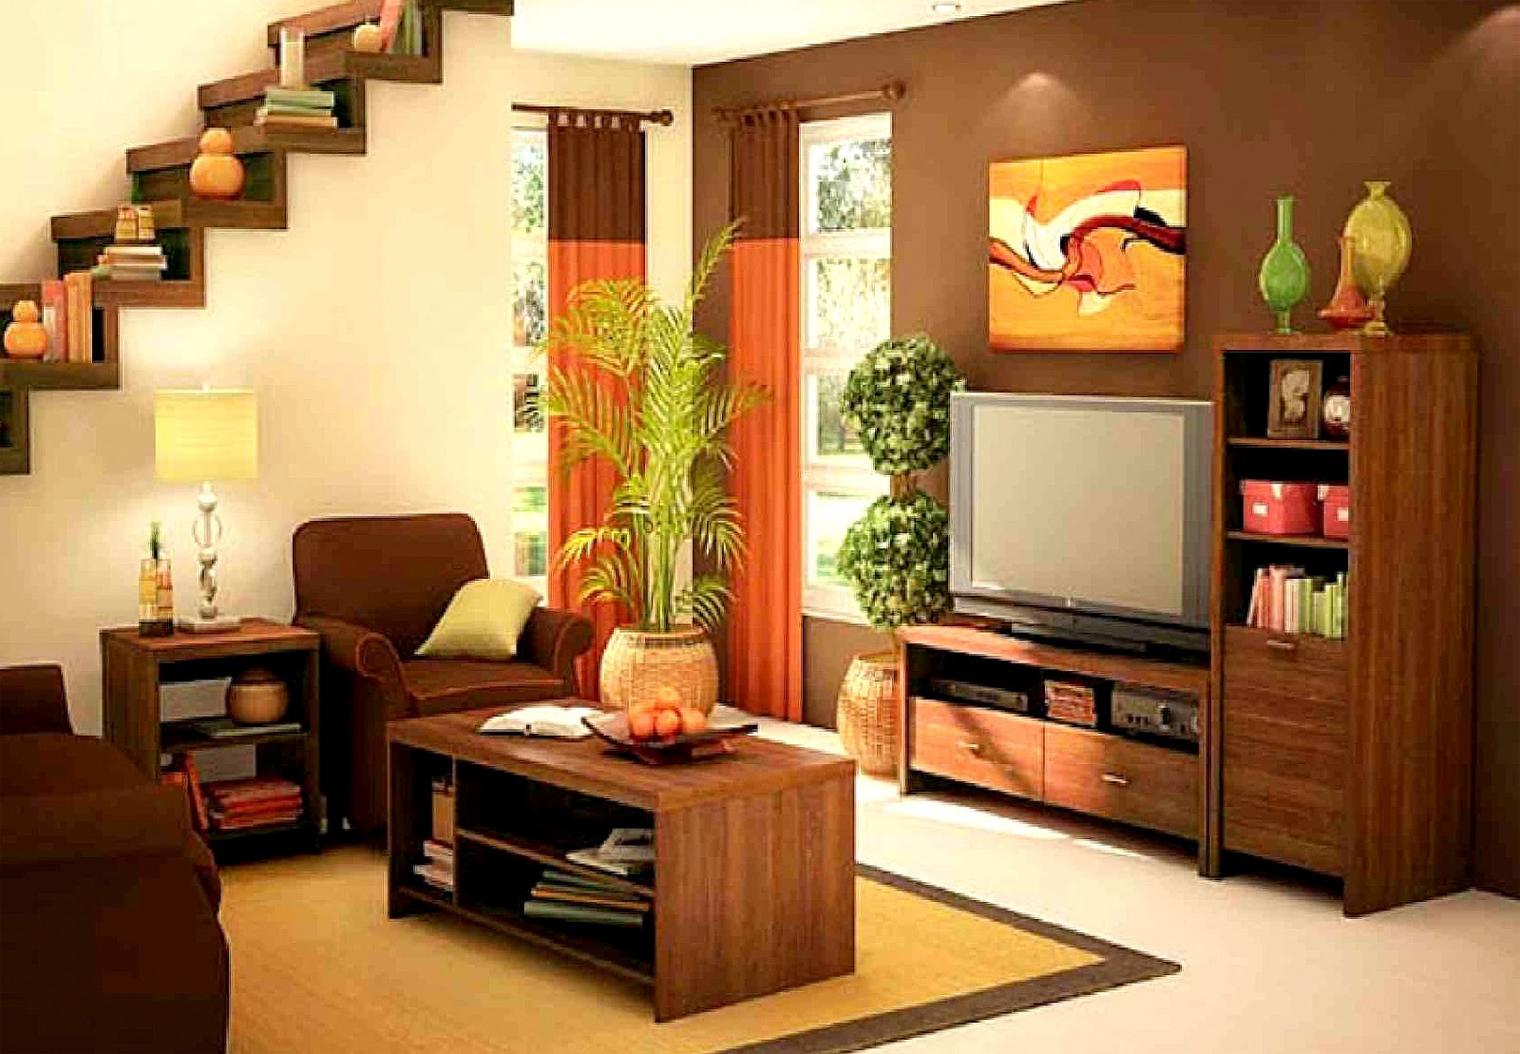 Design Interior Untuk Ruang Tamu Minimalis Kecil Miva Rate